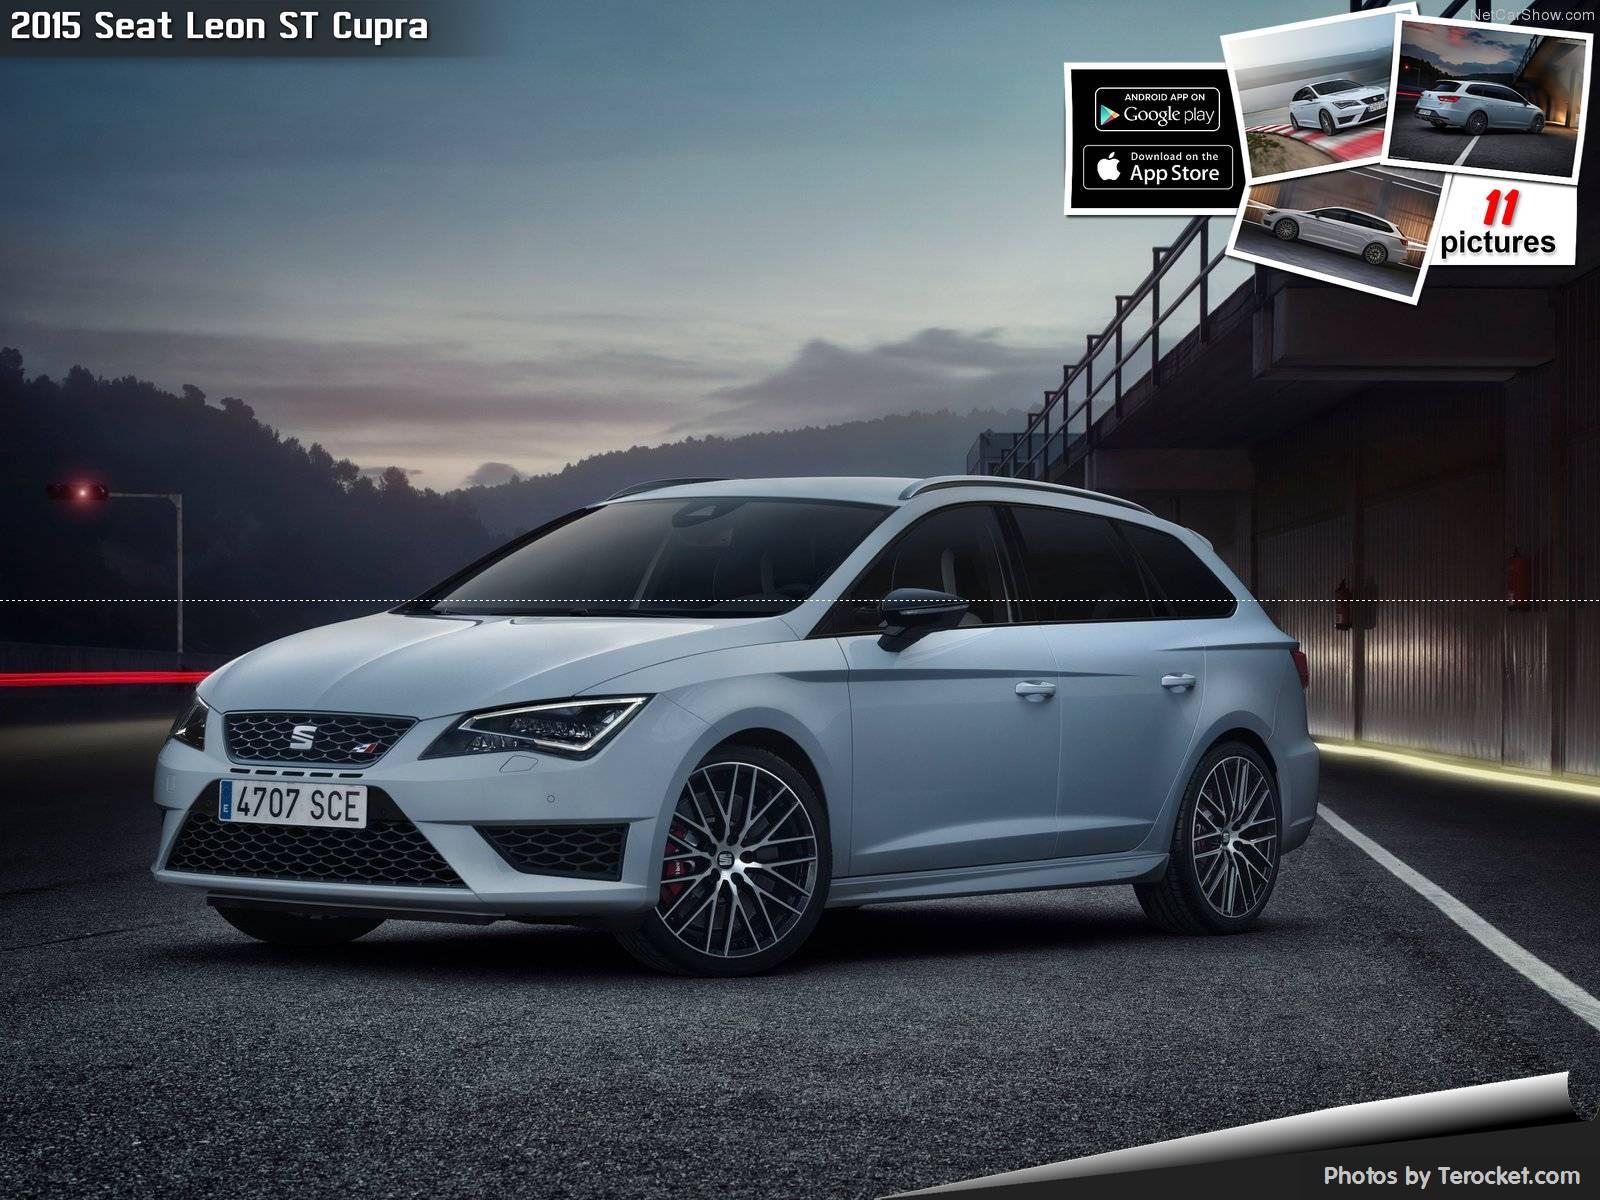 Hình ảnh xe ô tô Seat Leon ST Cupra 2015 & nội ngoại thất